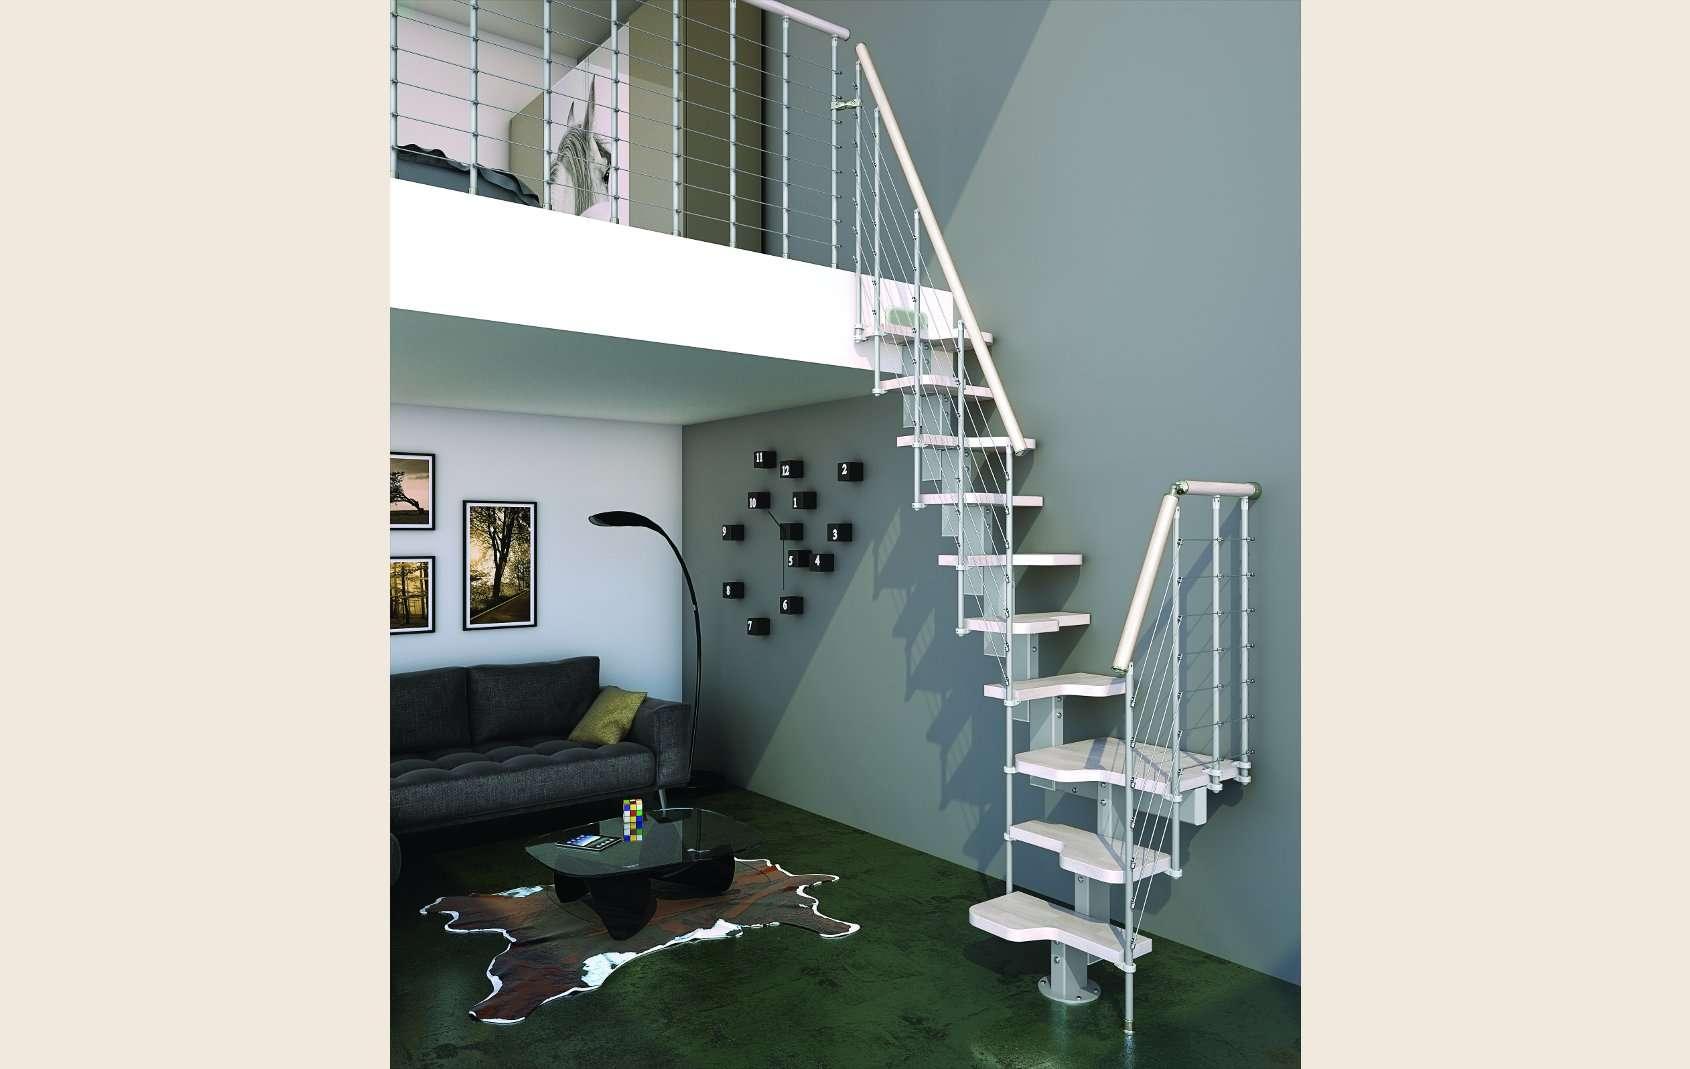 Dixi scale per soppalchi in legno salvaspazio a for Sala di piani quadrati a chiocciola